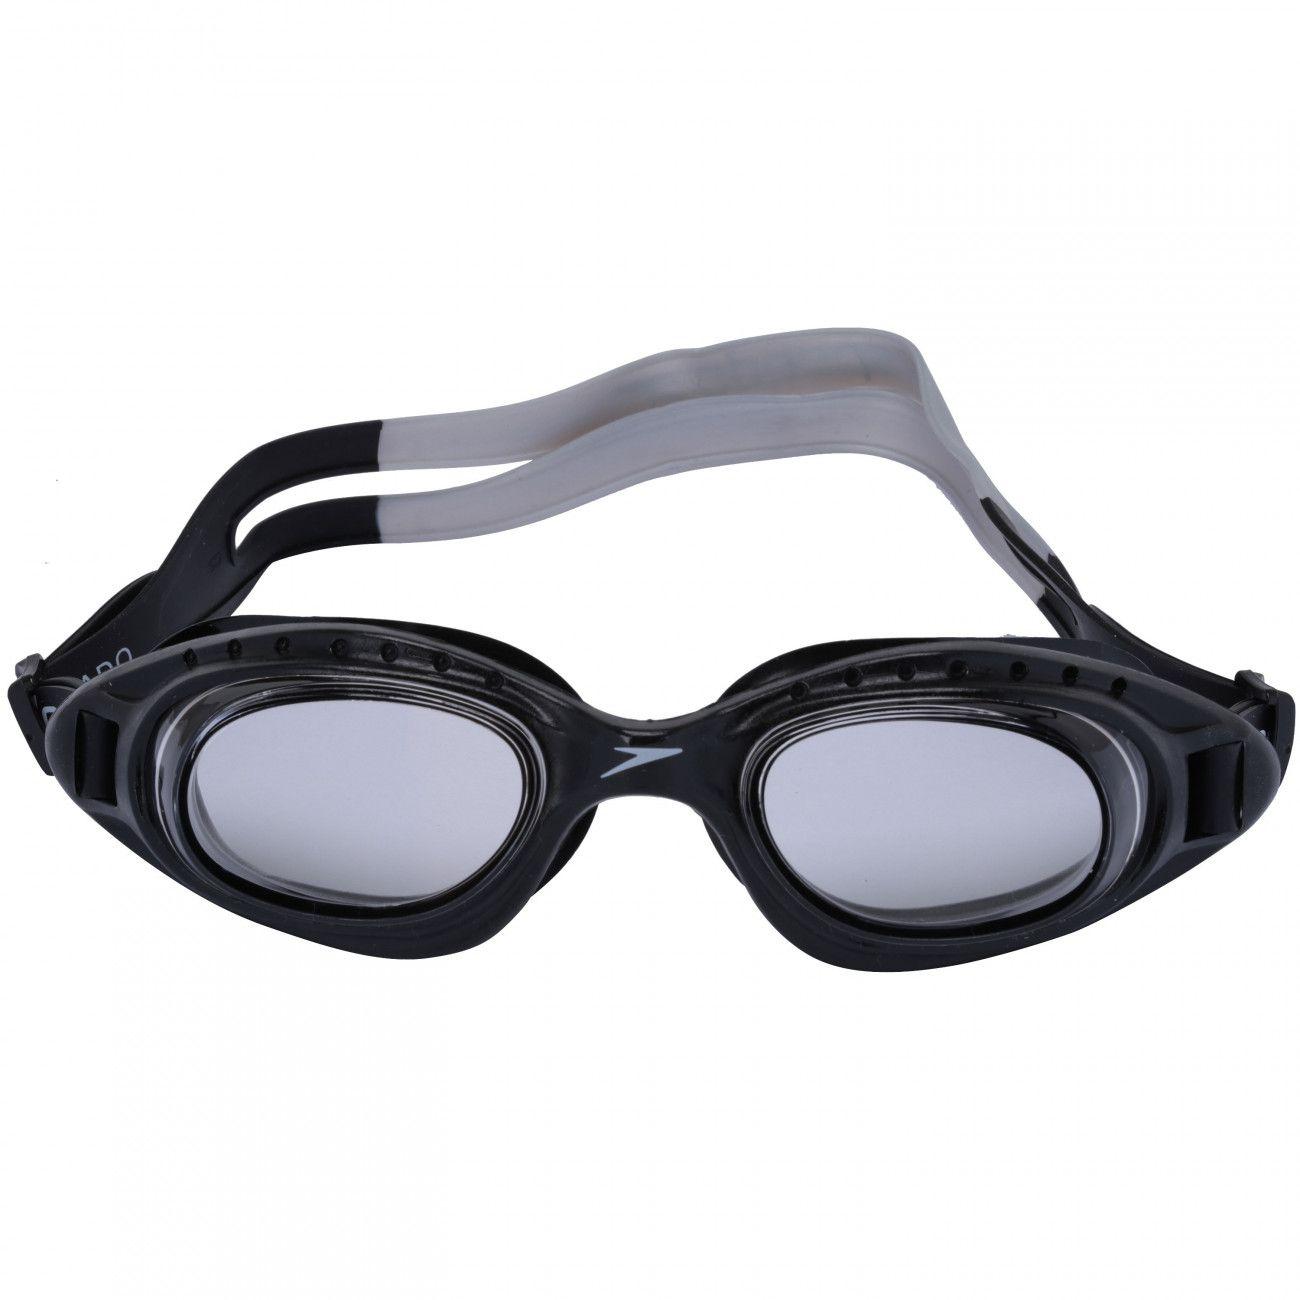 Óculos de Natação Adulto Speedo Tornado Preto